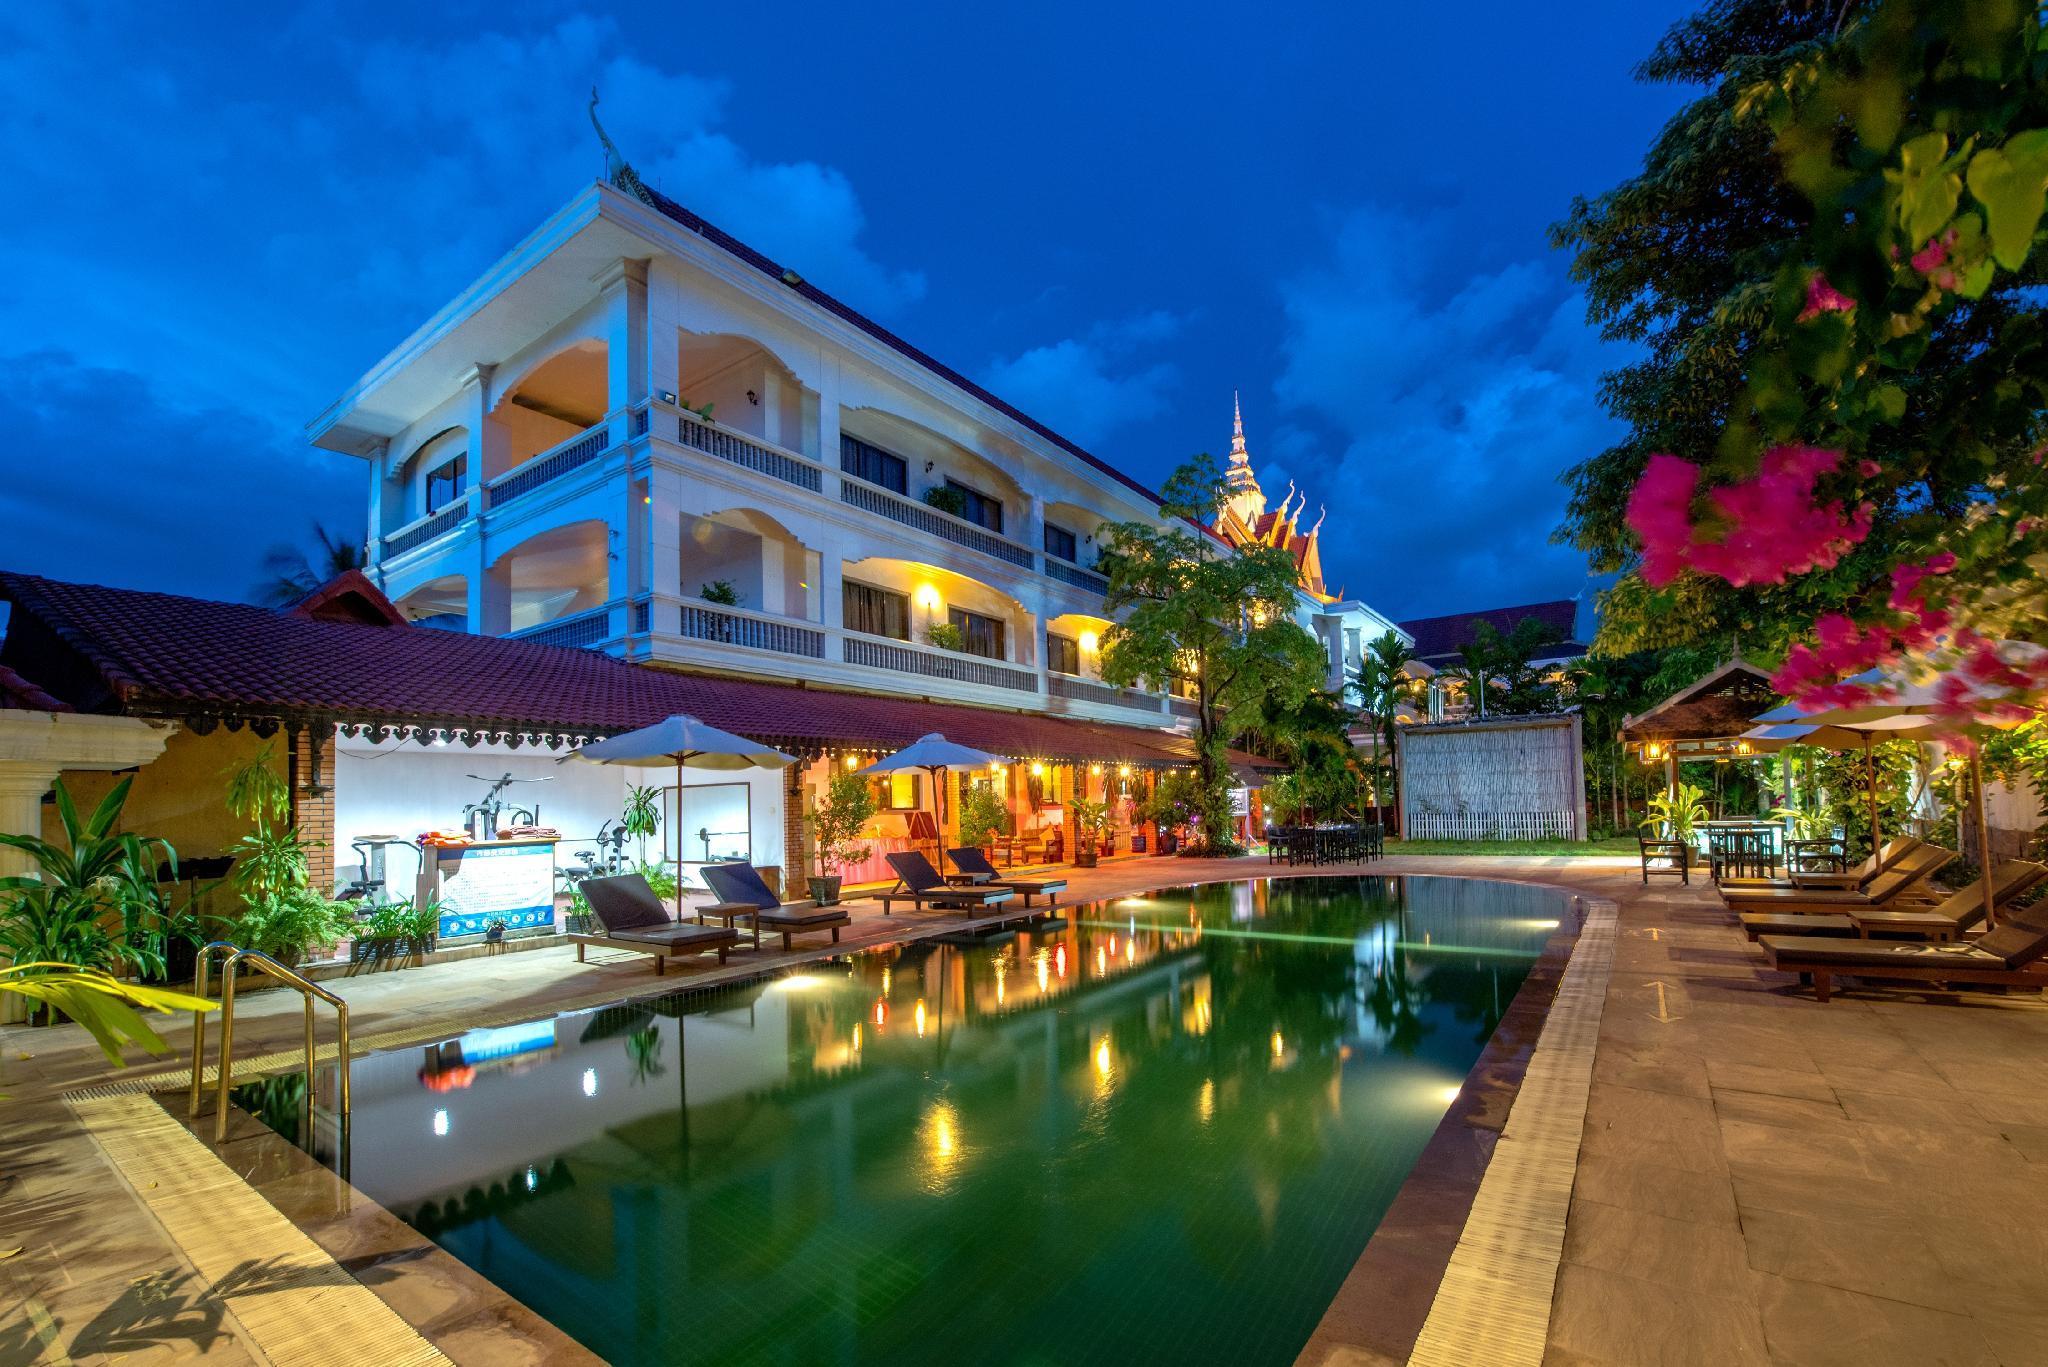 Lin Ratanak Angkor Hotel And Spa